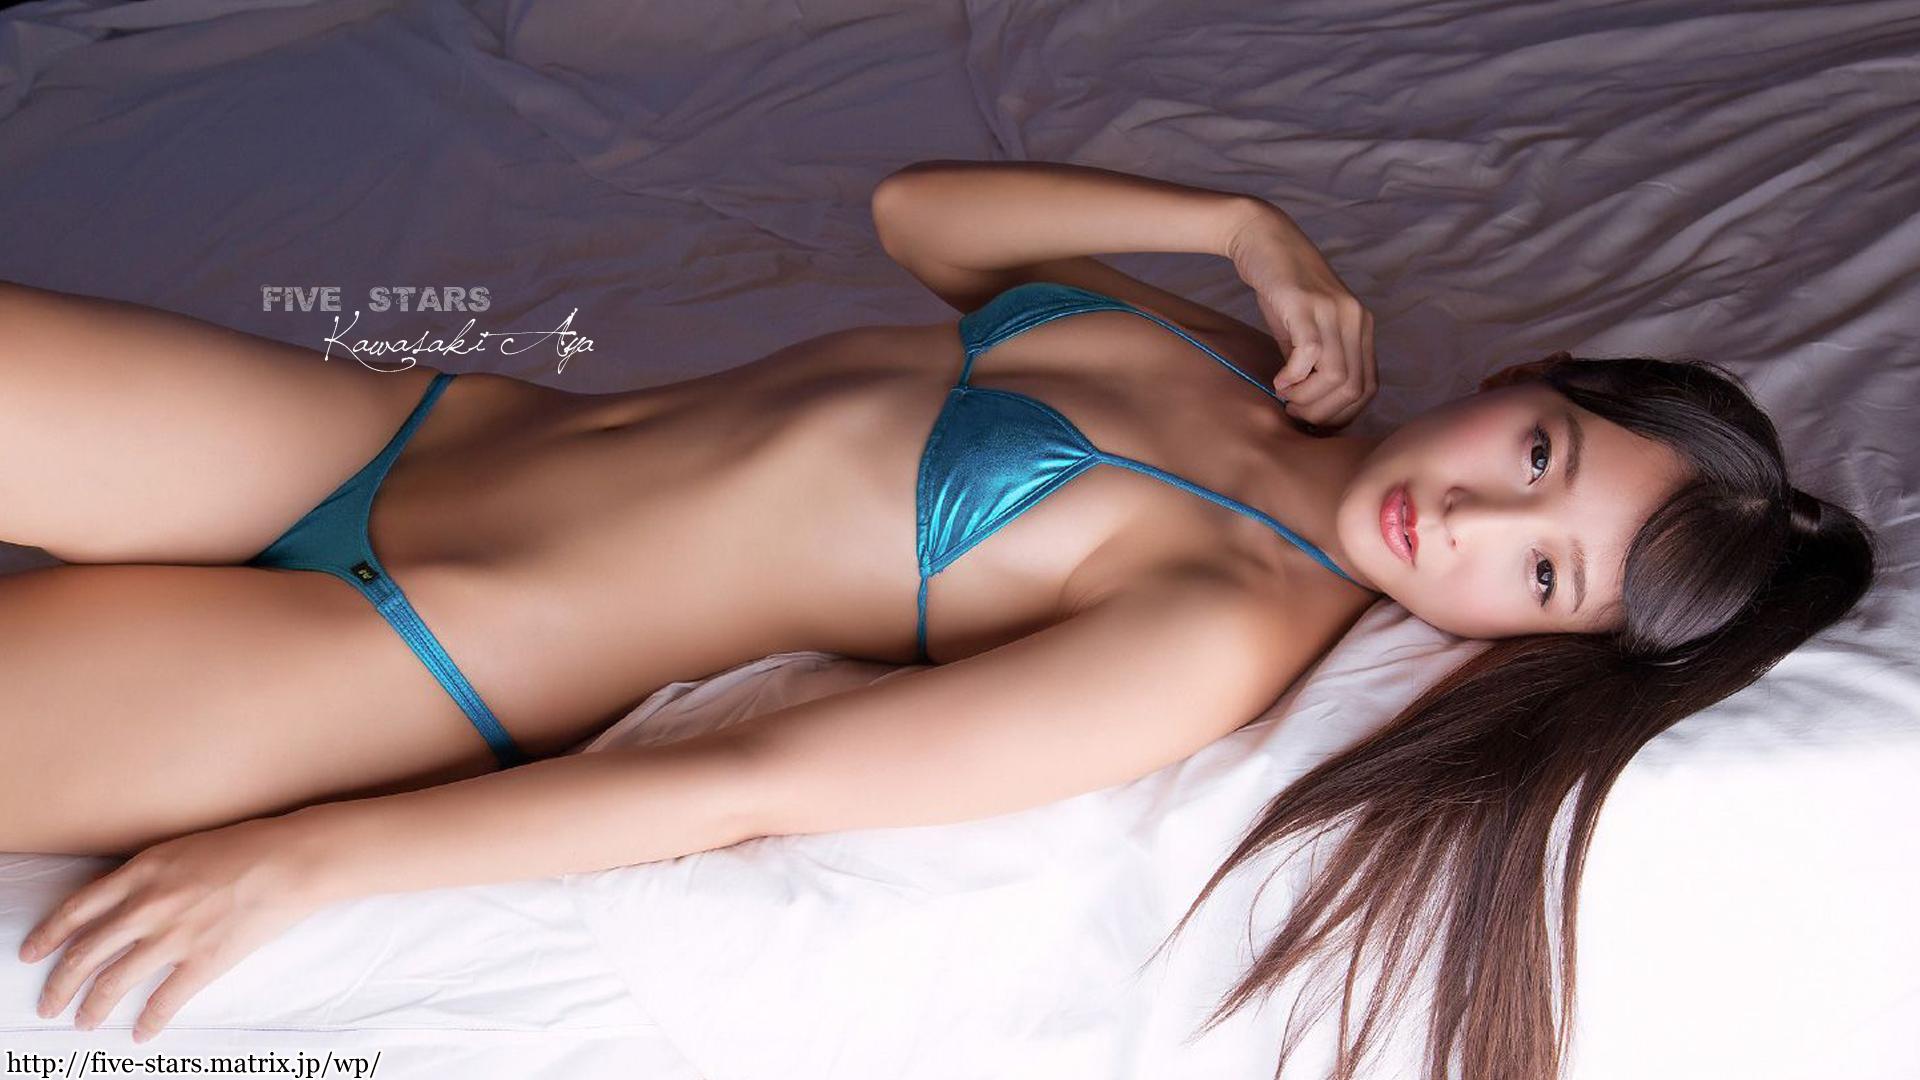 image http://scanlover.com/assets/images/47-RMk96wVZBmc6aH5v.jpeg